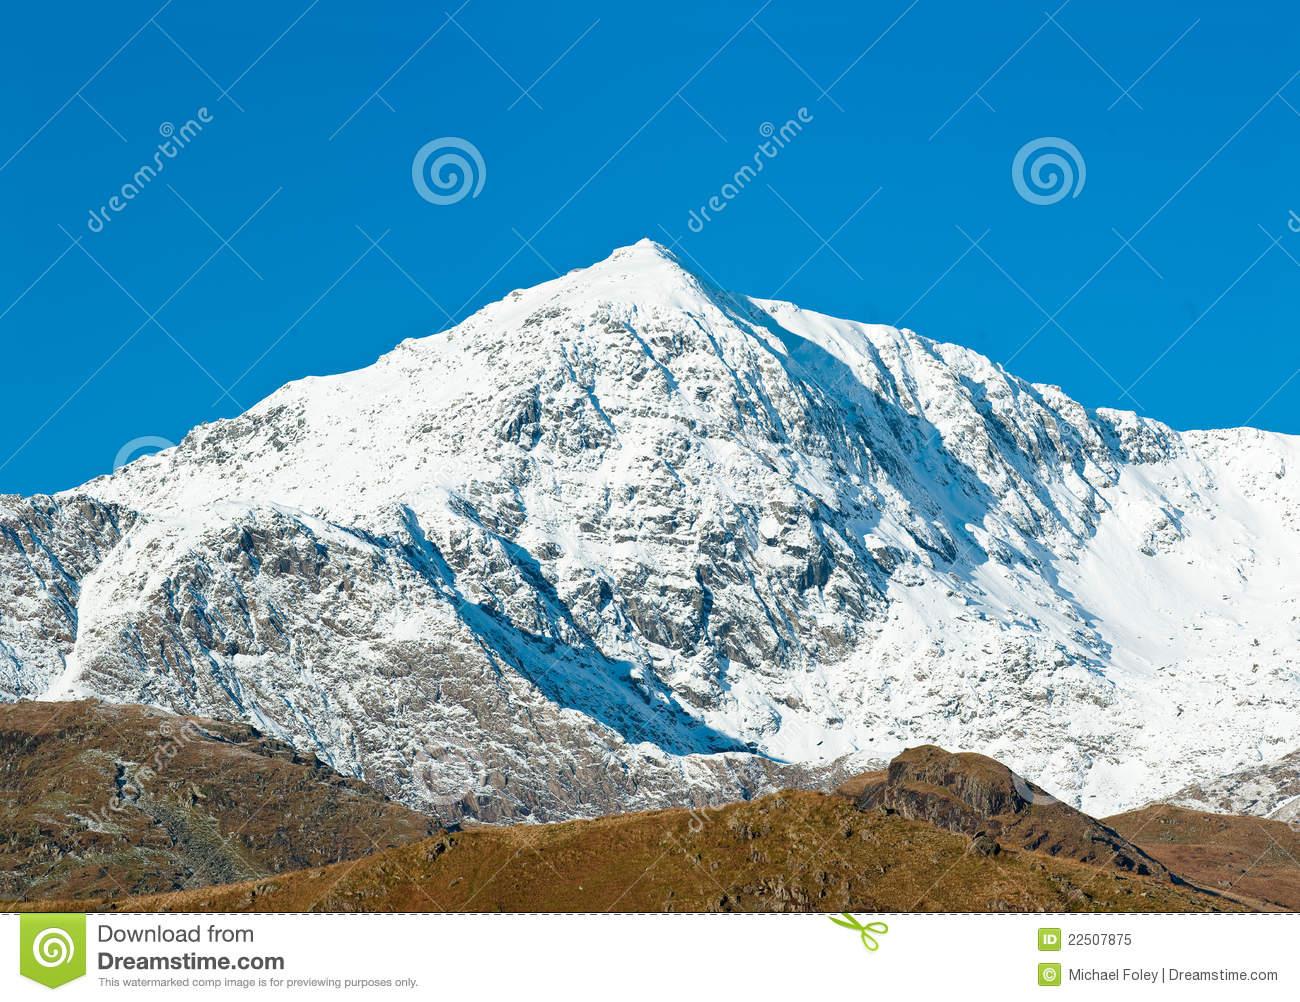 Mount Snowdon Royalty Free Stock Photo.